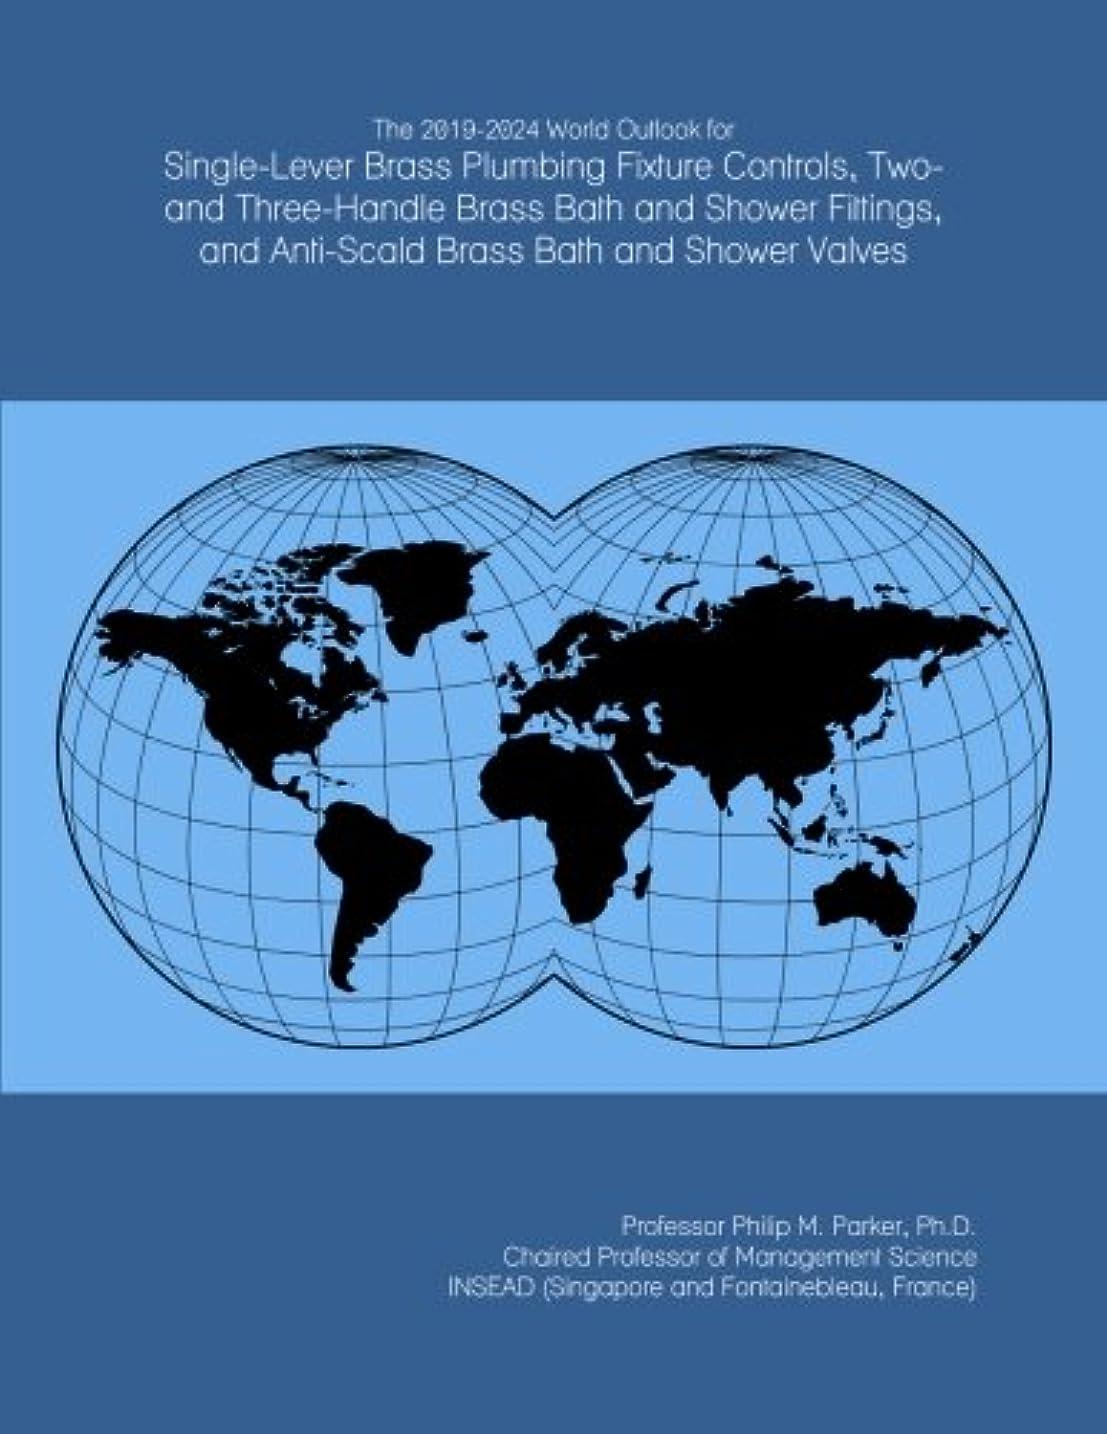 インシデント独裁良心The 2019-2024 World Outlook for Single-Lever Brass Plumbing Fixture Controls, Two- and Three-Handle Brass Bath and Shower Fittings, and Anti-Scald Brass Bath and Shower Valves